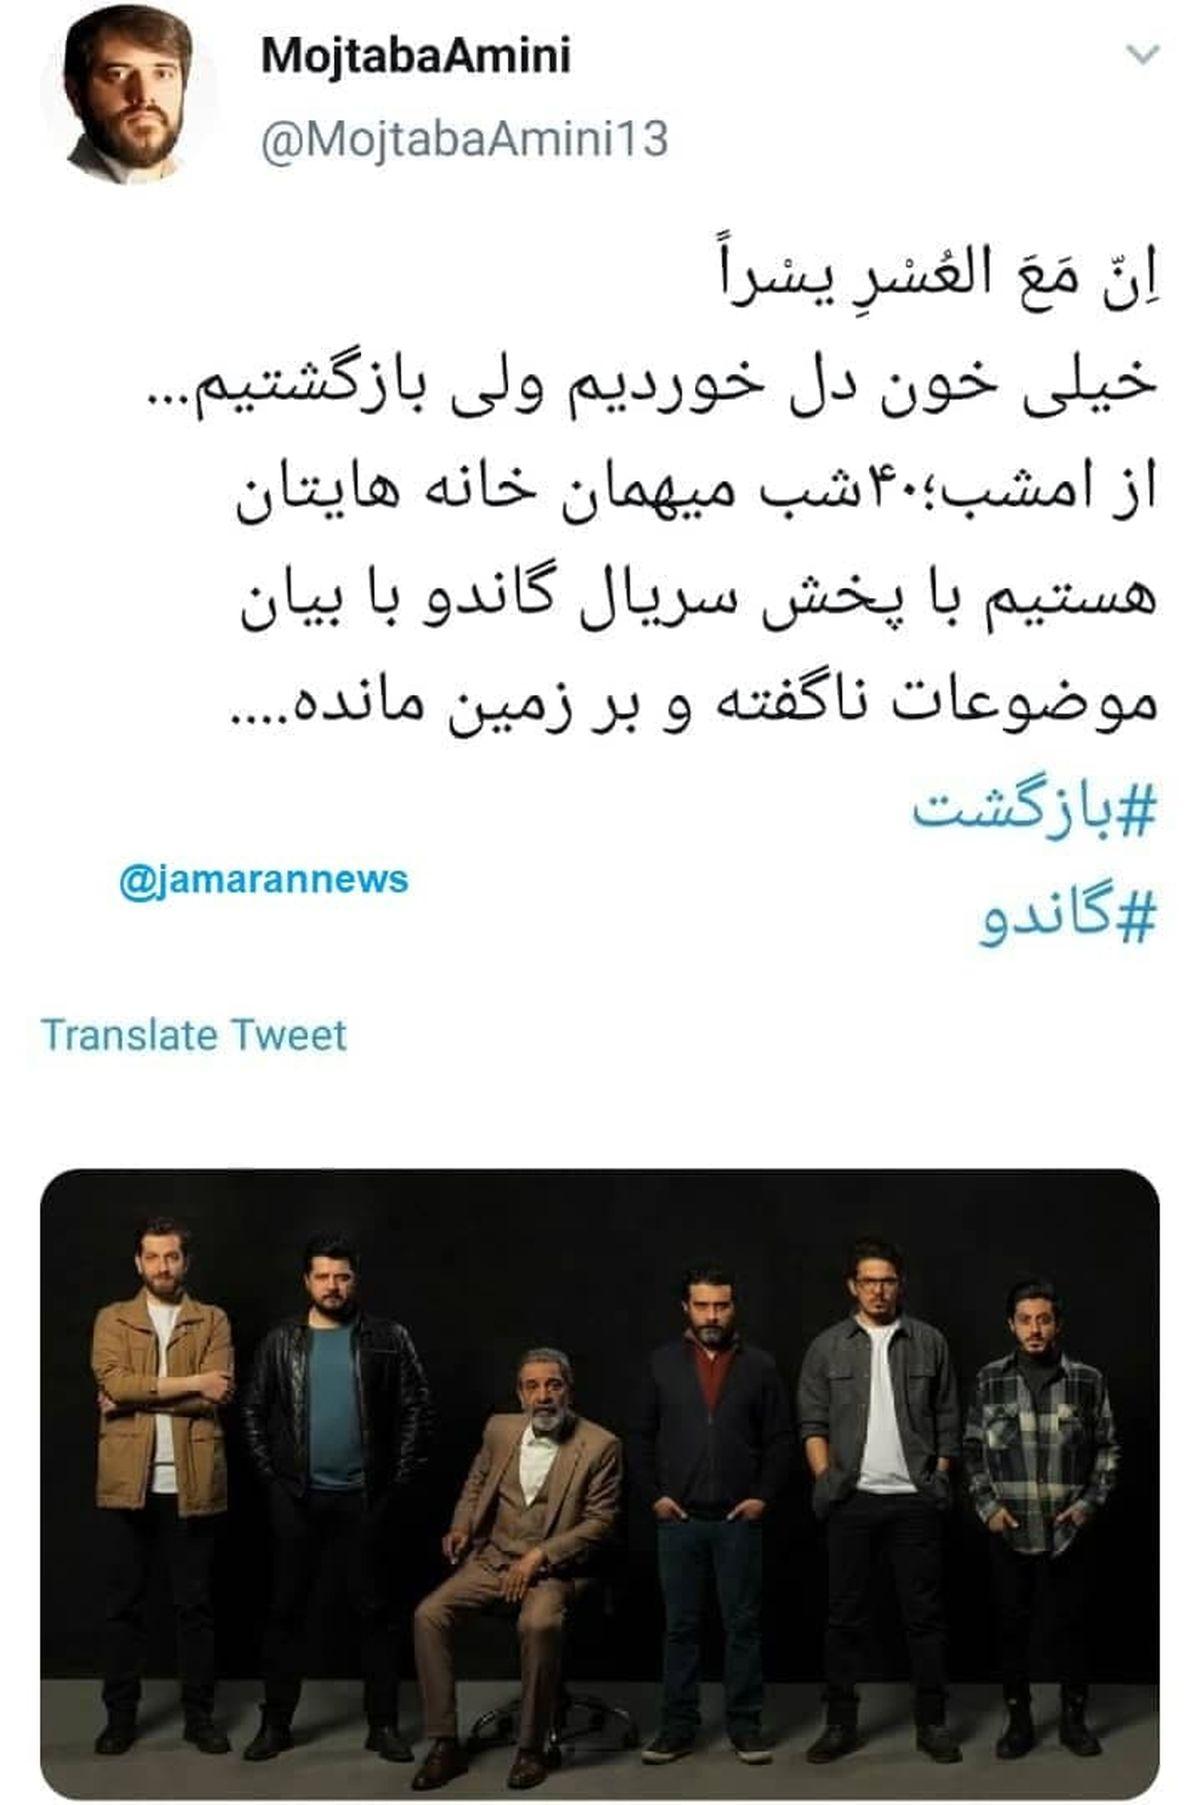 پخش سریال گاندو از سرگرفته شد